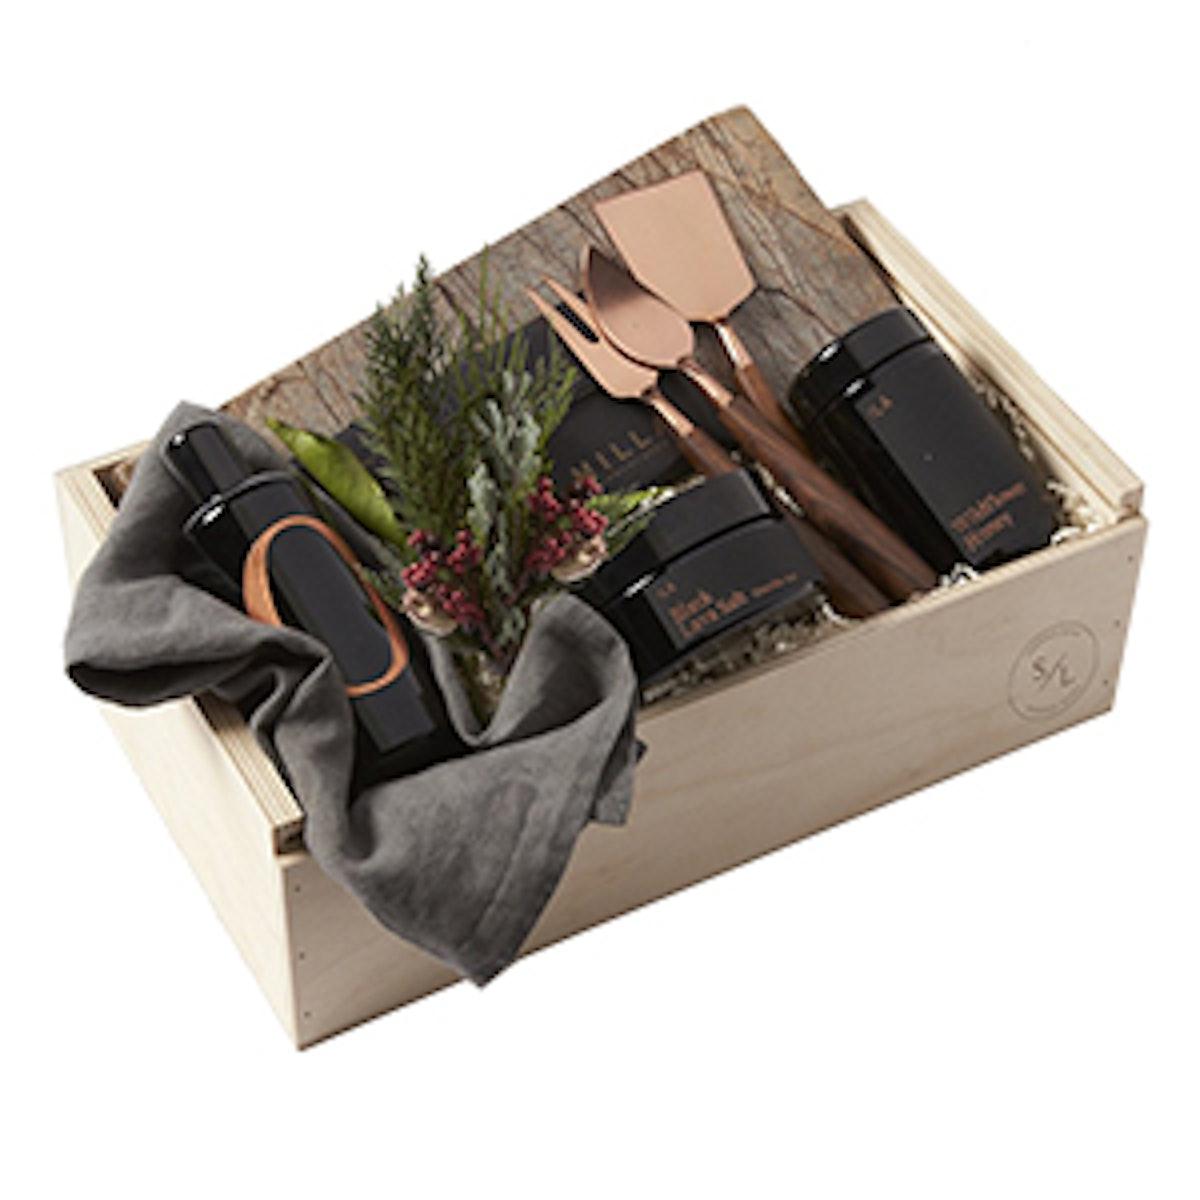 A Fine Soirée Gift Box